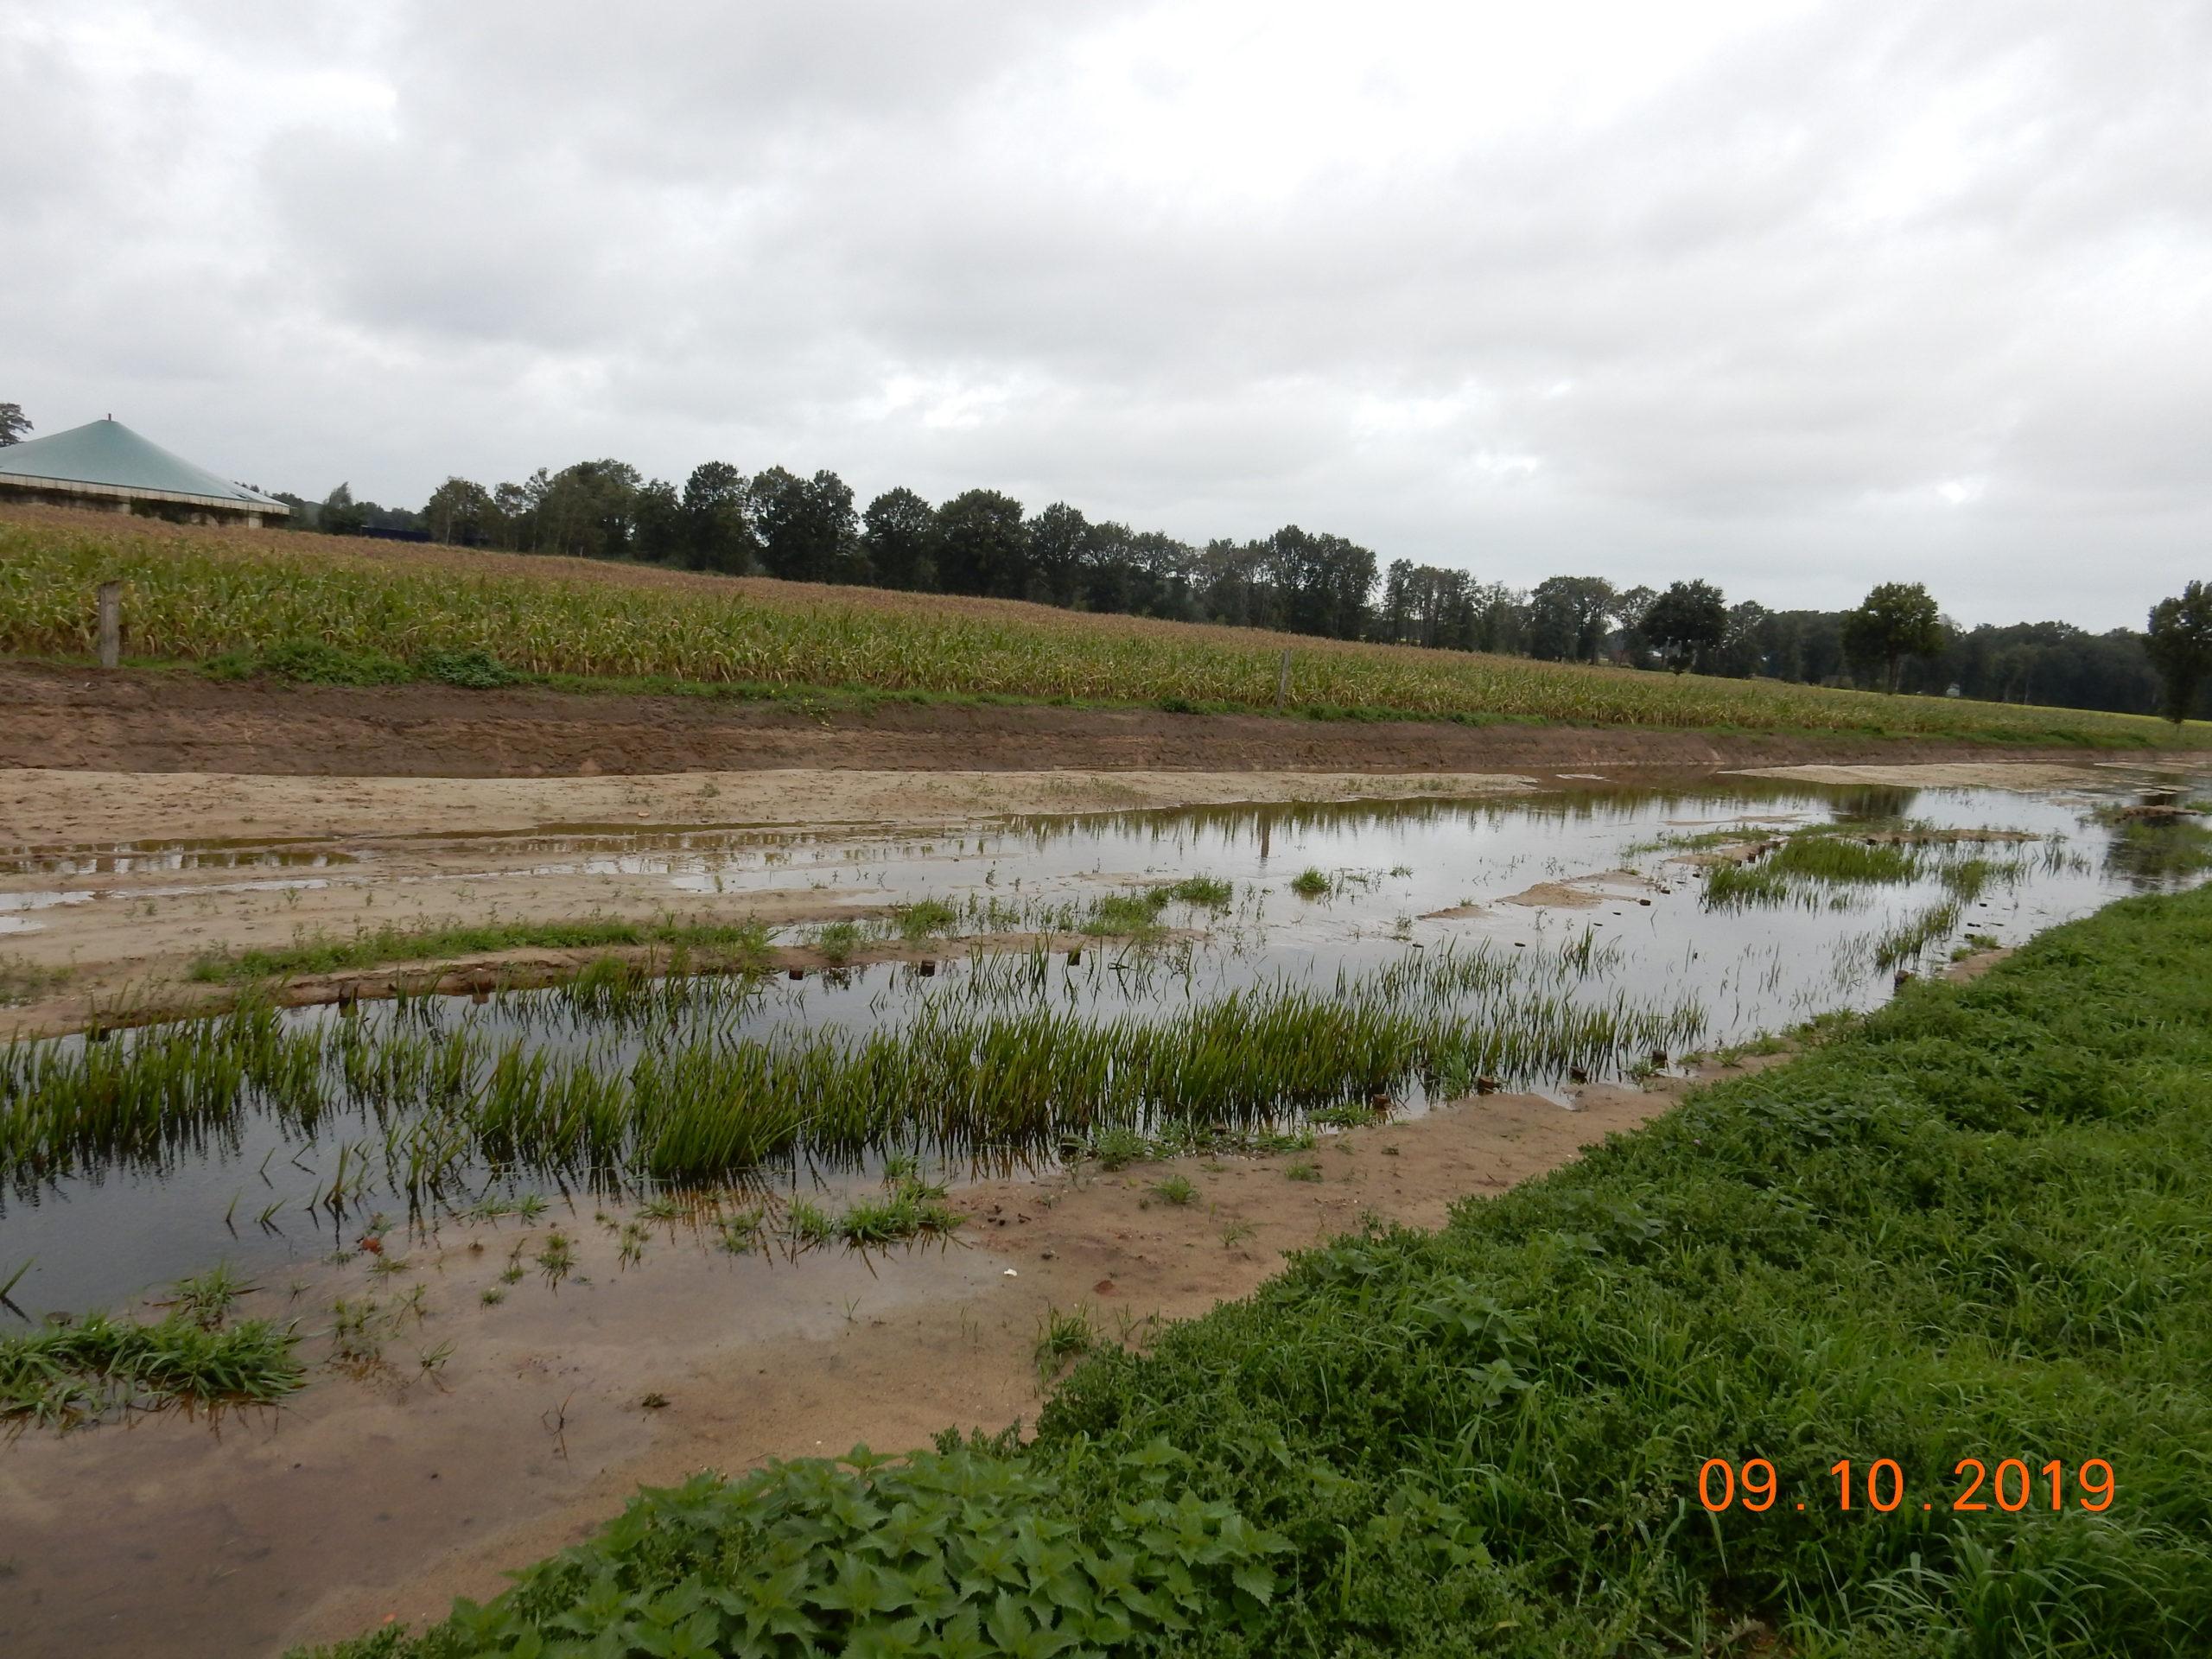 Blick in Fließrichtung bei erhöhten Wasserständen